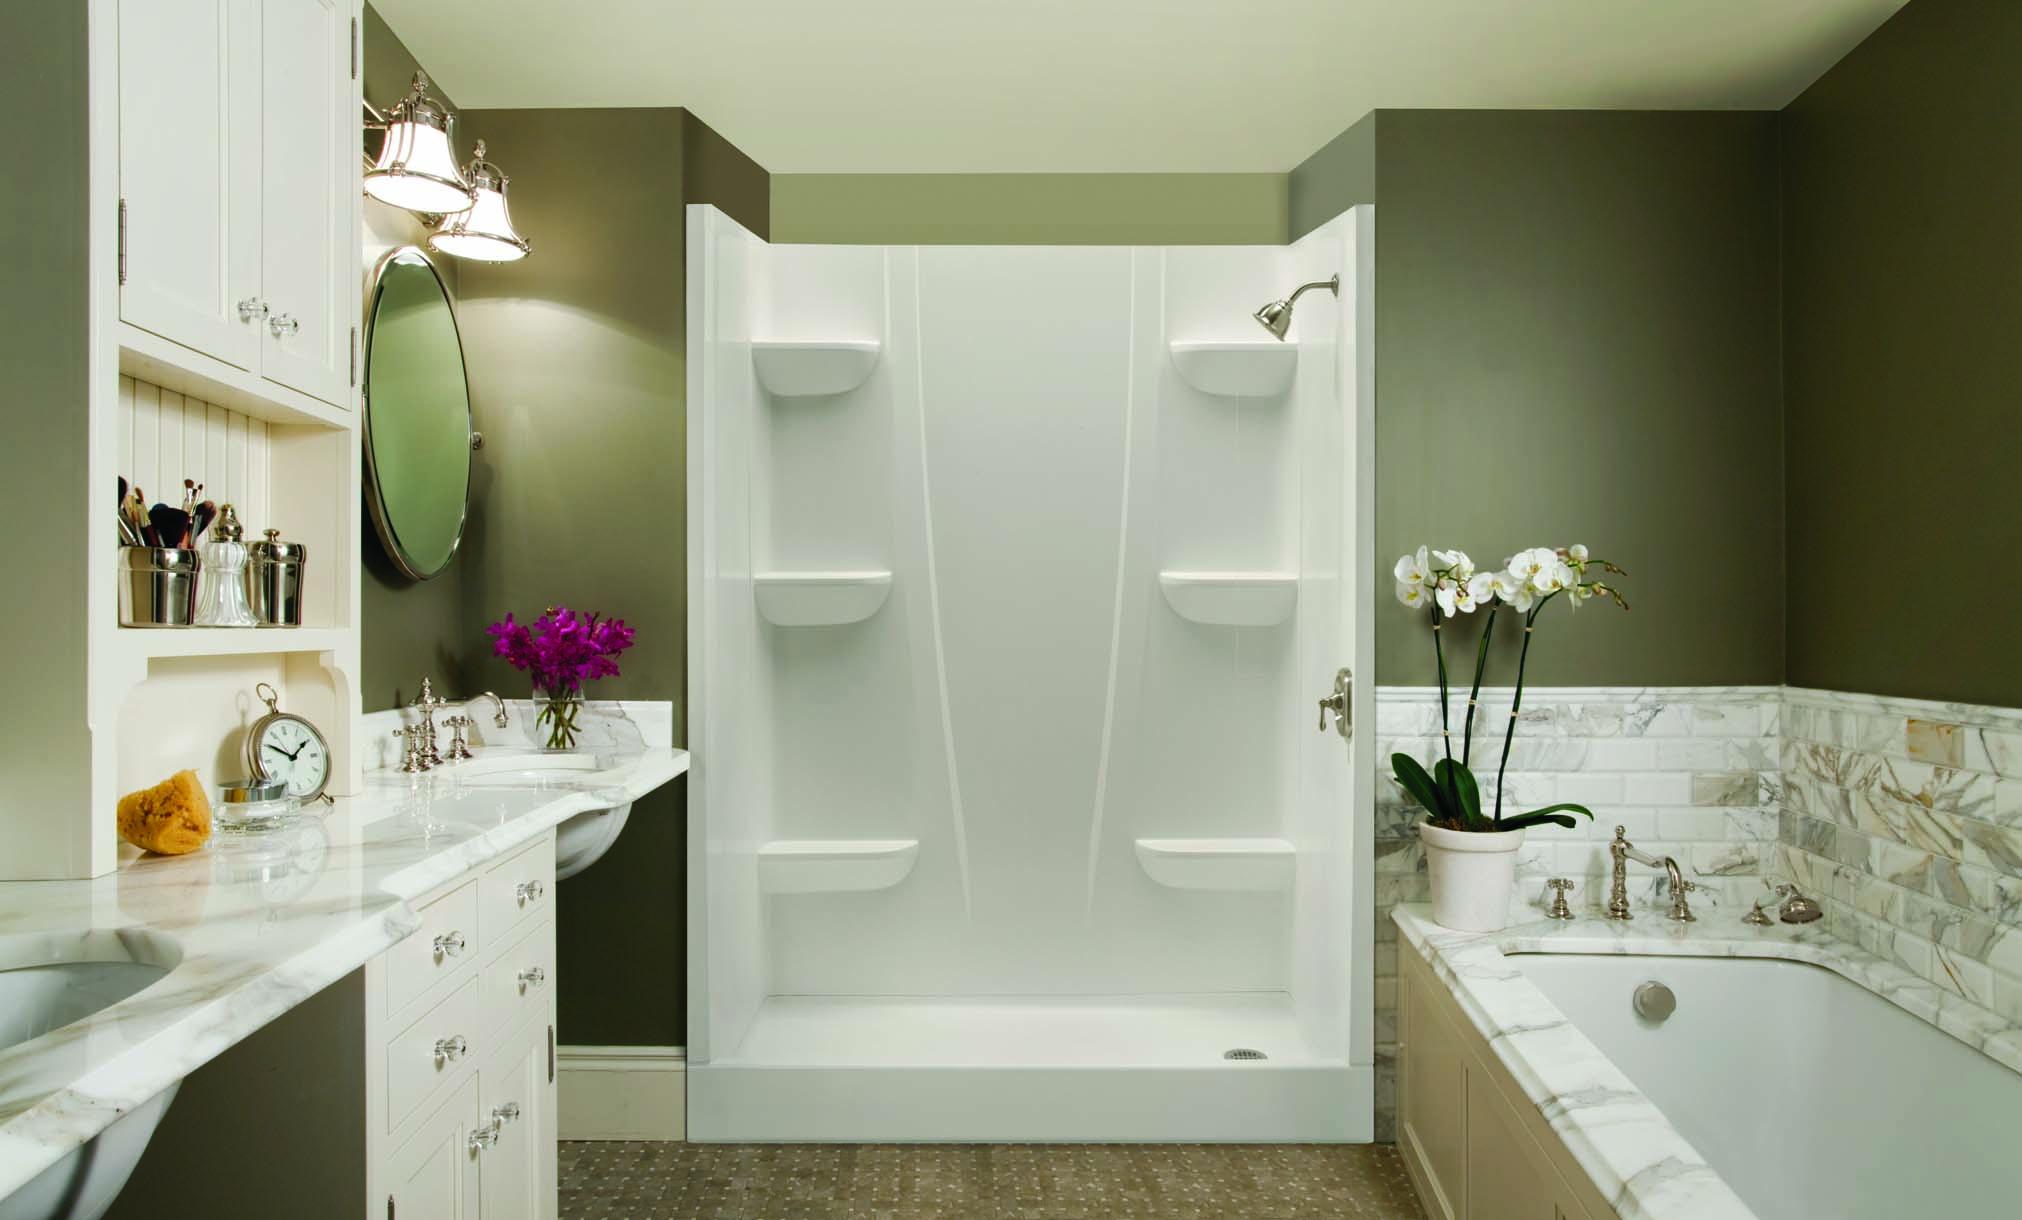 Aquatic: Aquatic Shower